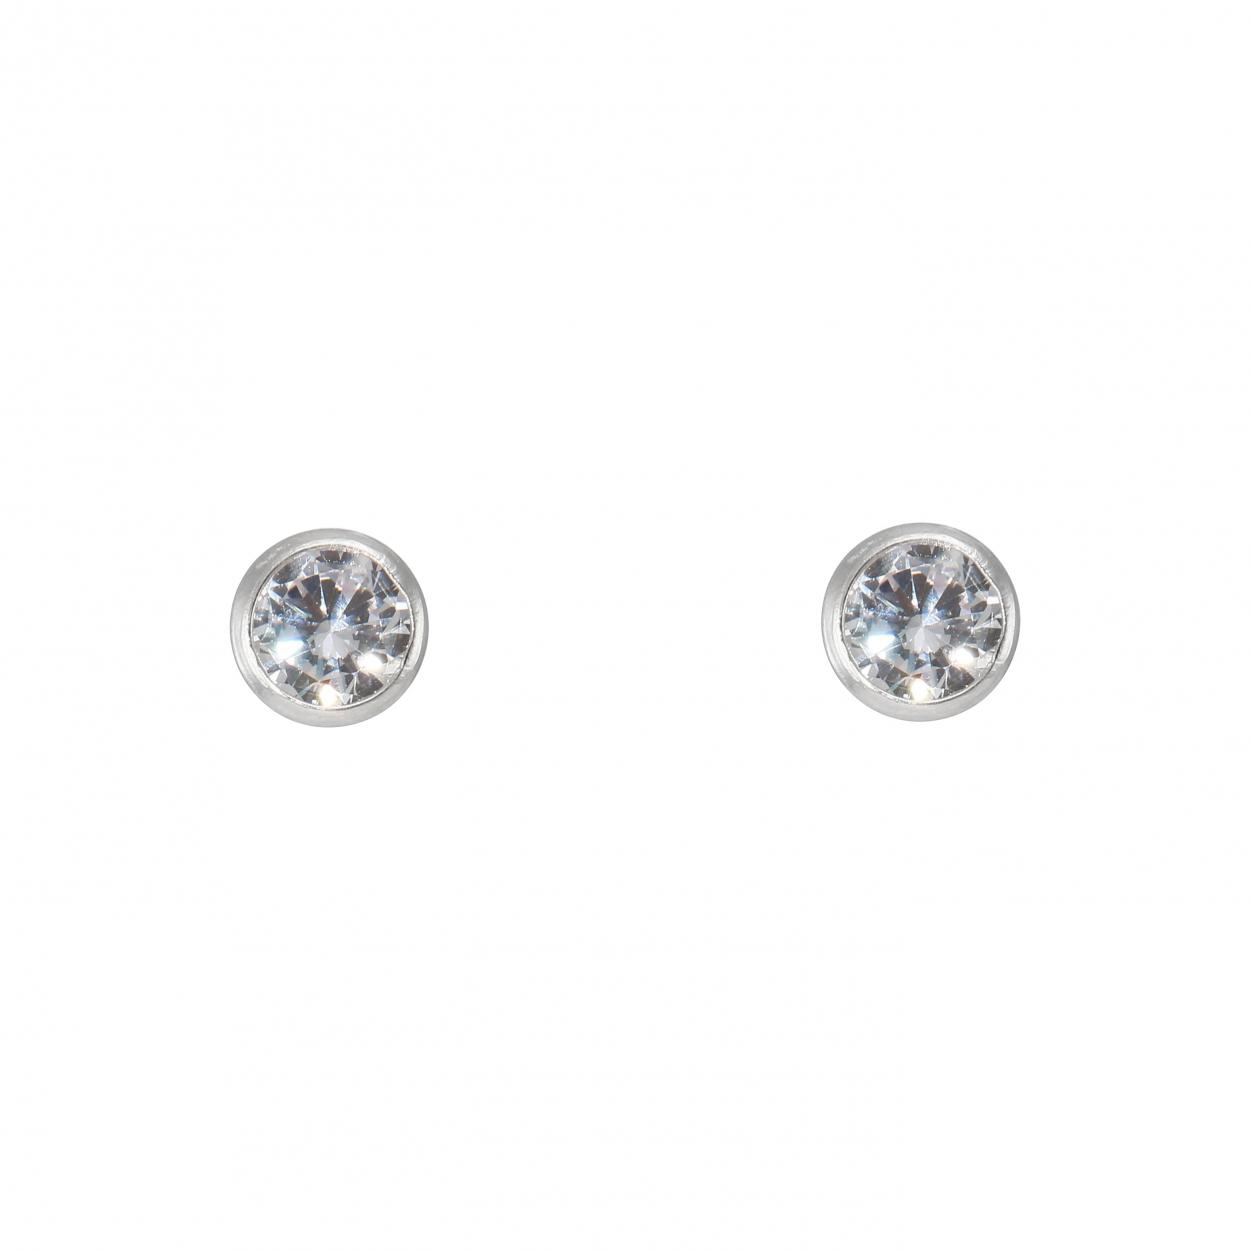 8cc6ccf9a23a Ref   40581. Boucles d oreilles Argent Oxyde de Zirconium 5mm